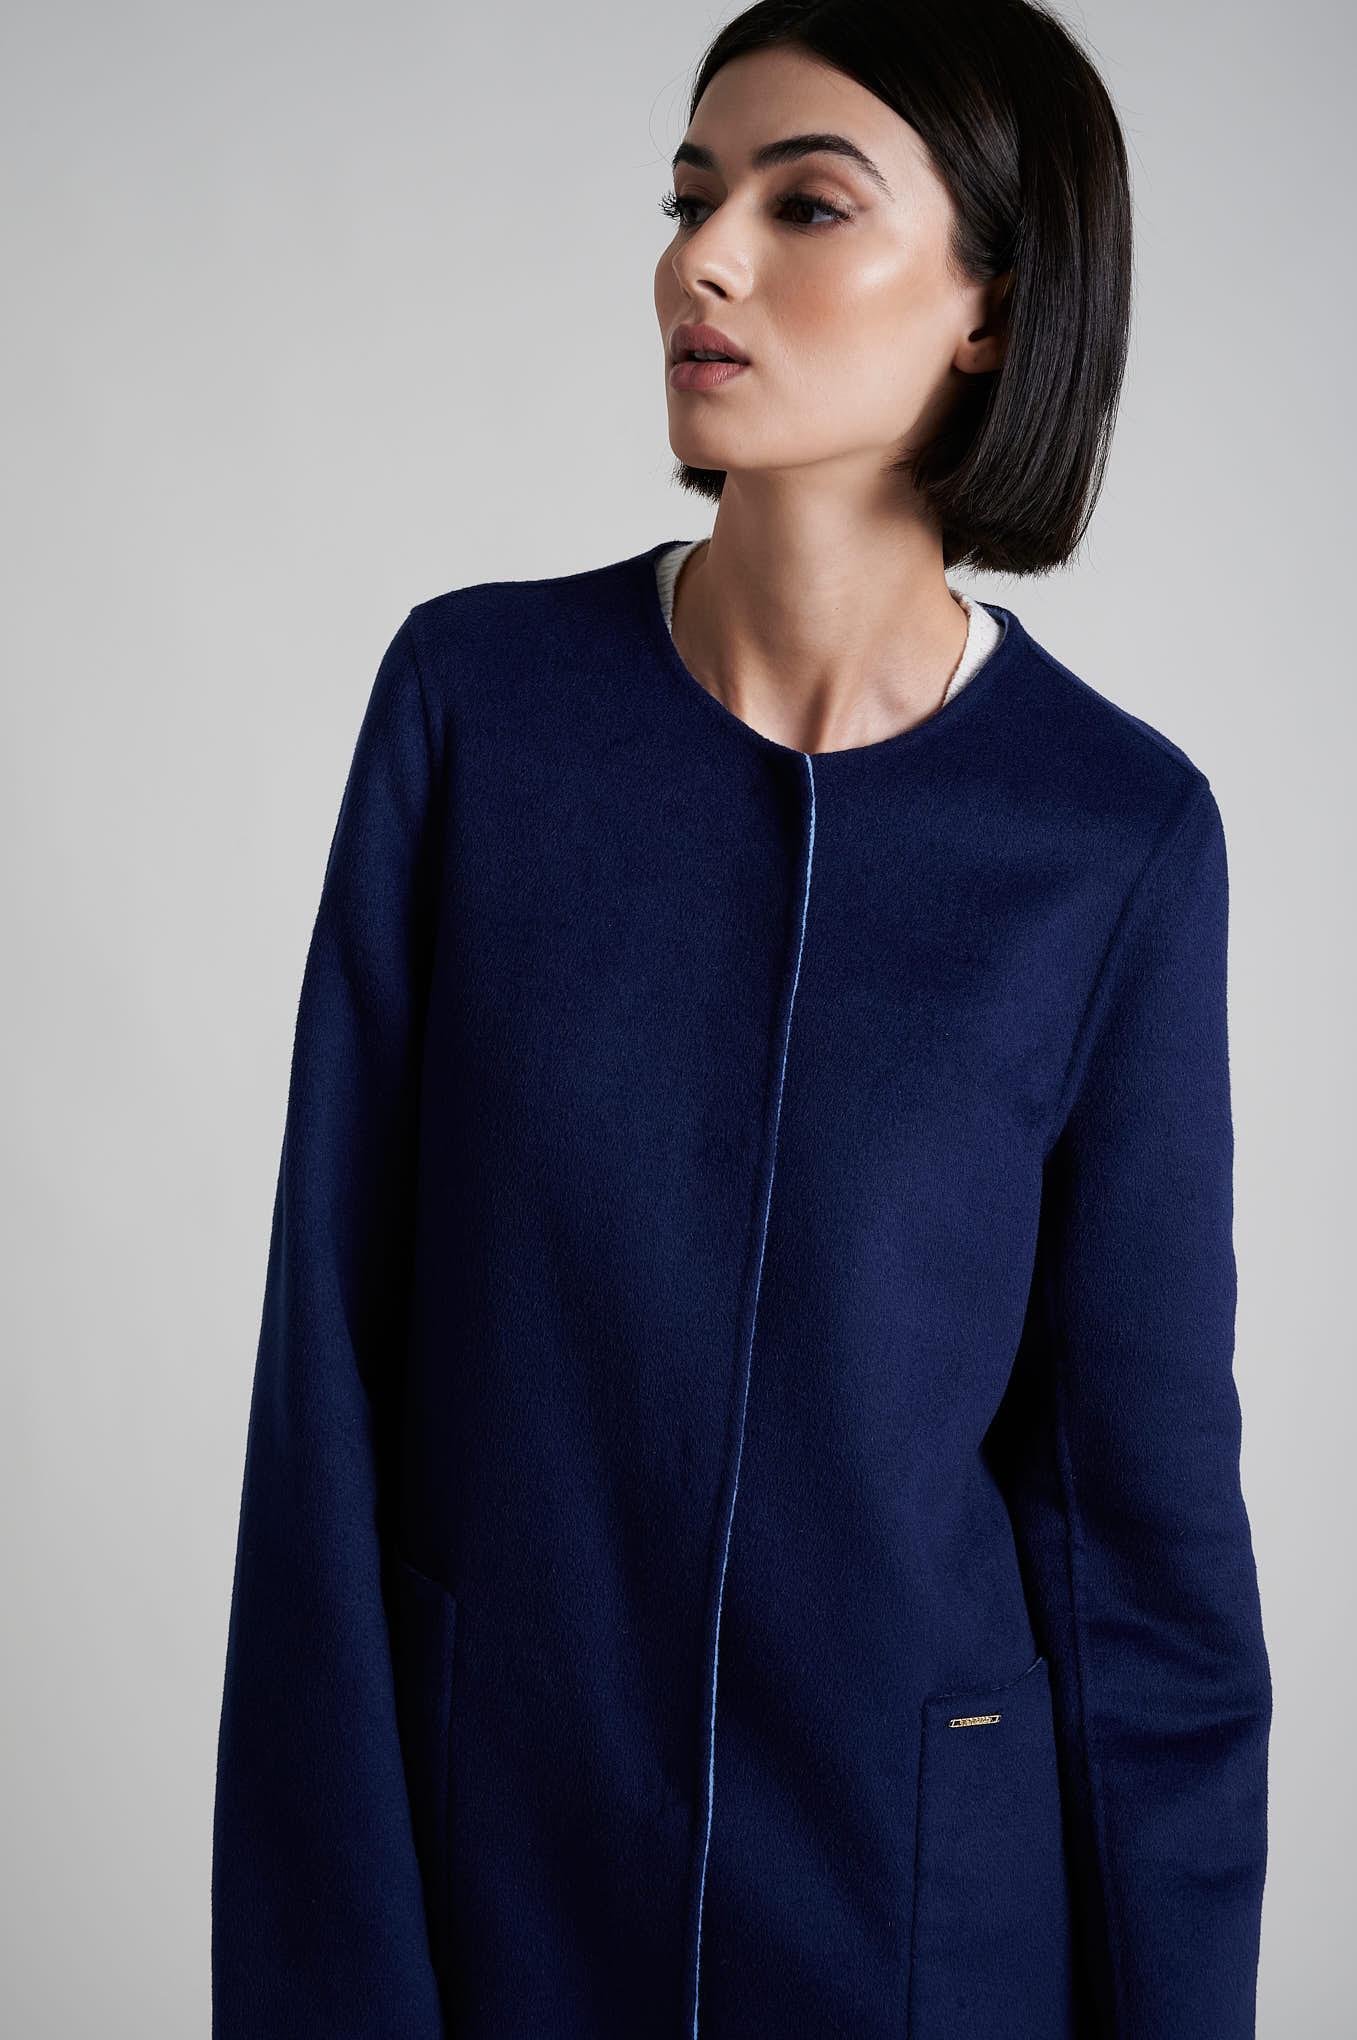 Casaco Azul Escuro Casual Mulher